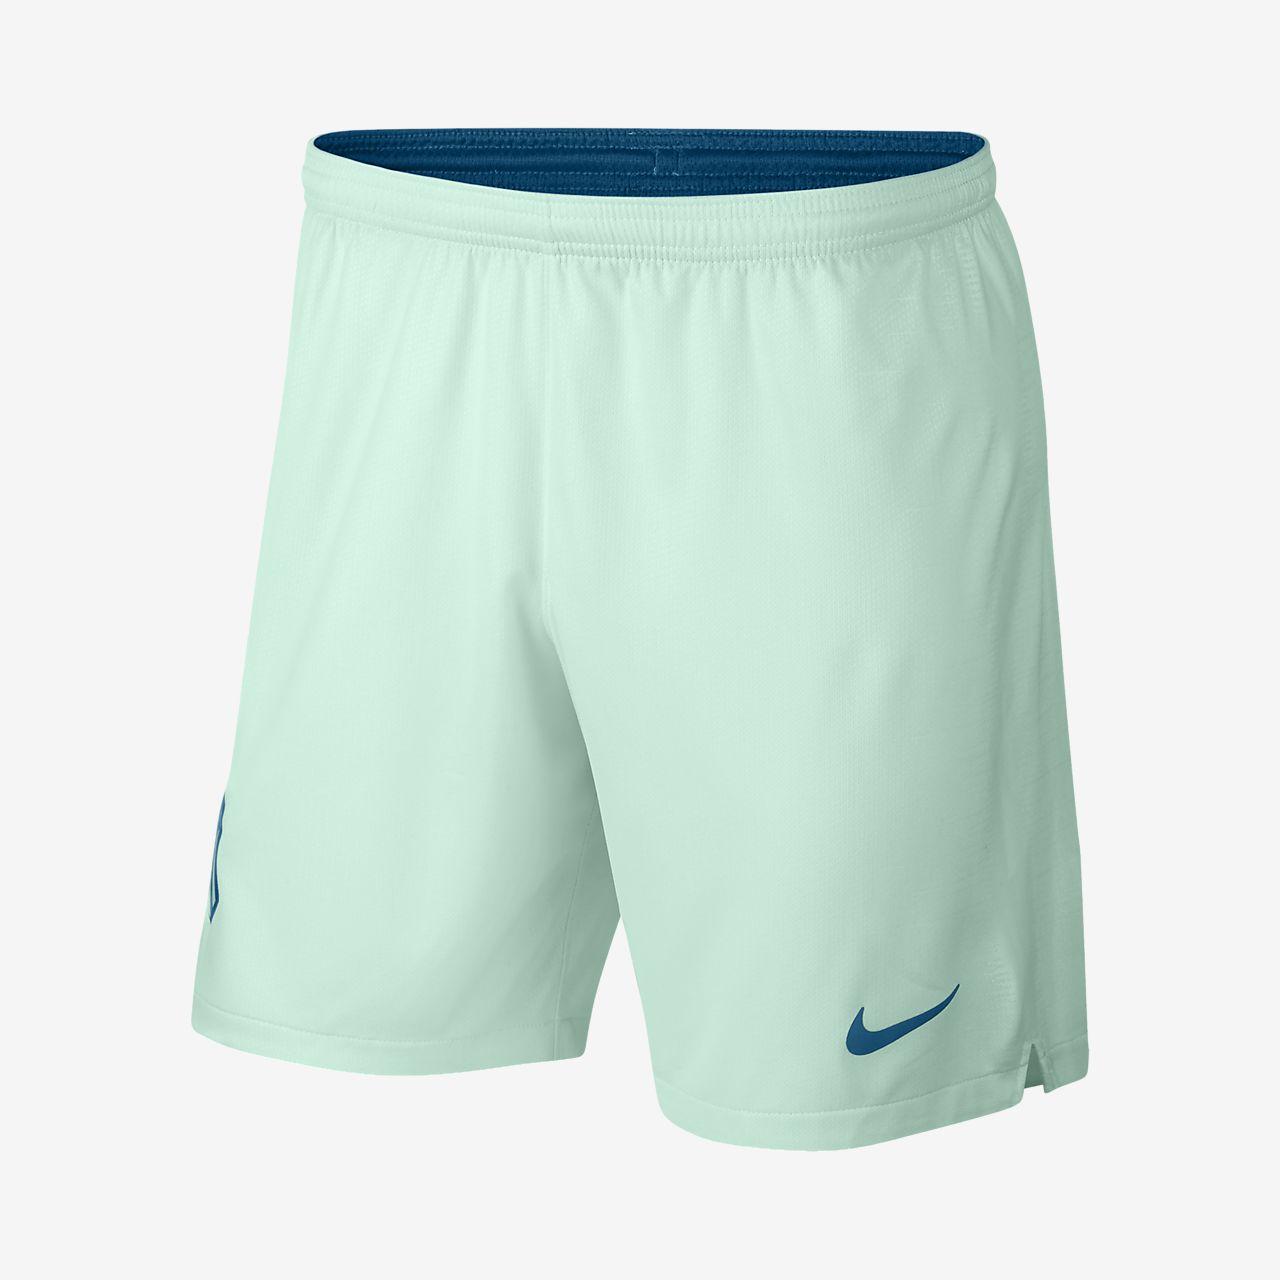 73f129062b168 ... Shorts de fútbol para hombre alternativos Stadium del Atlético de Madrid  2018 19